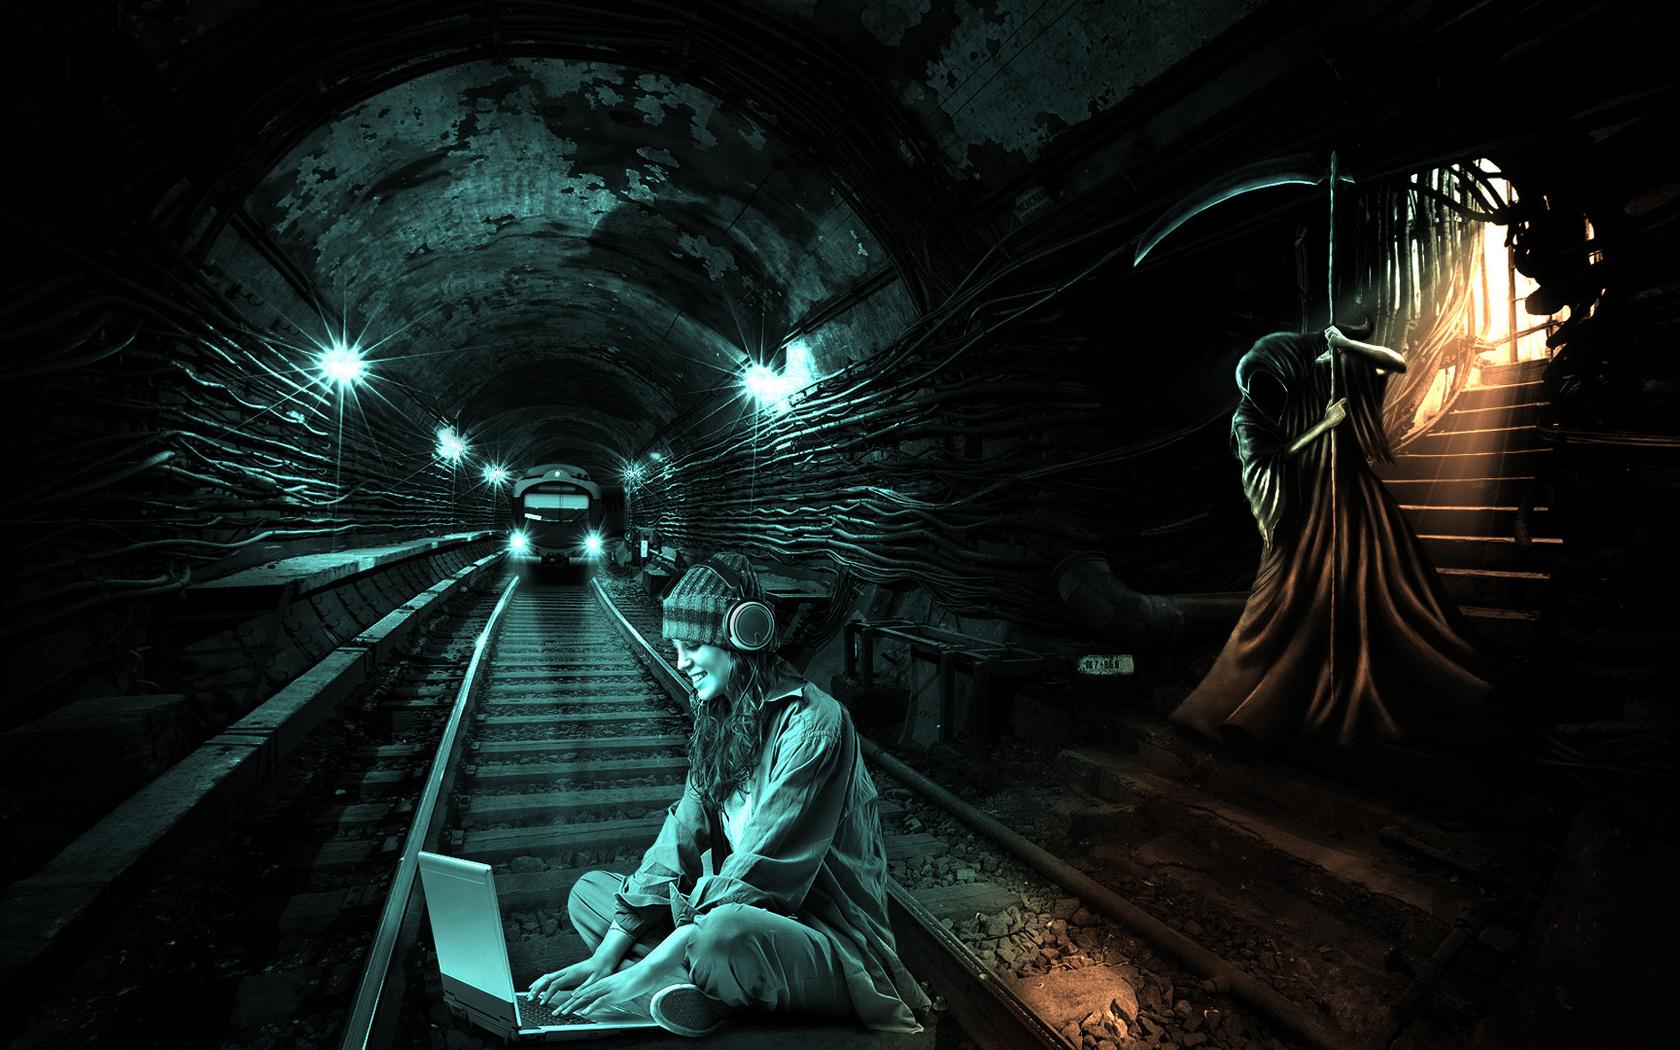 Картинки мрачного метро